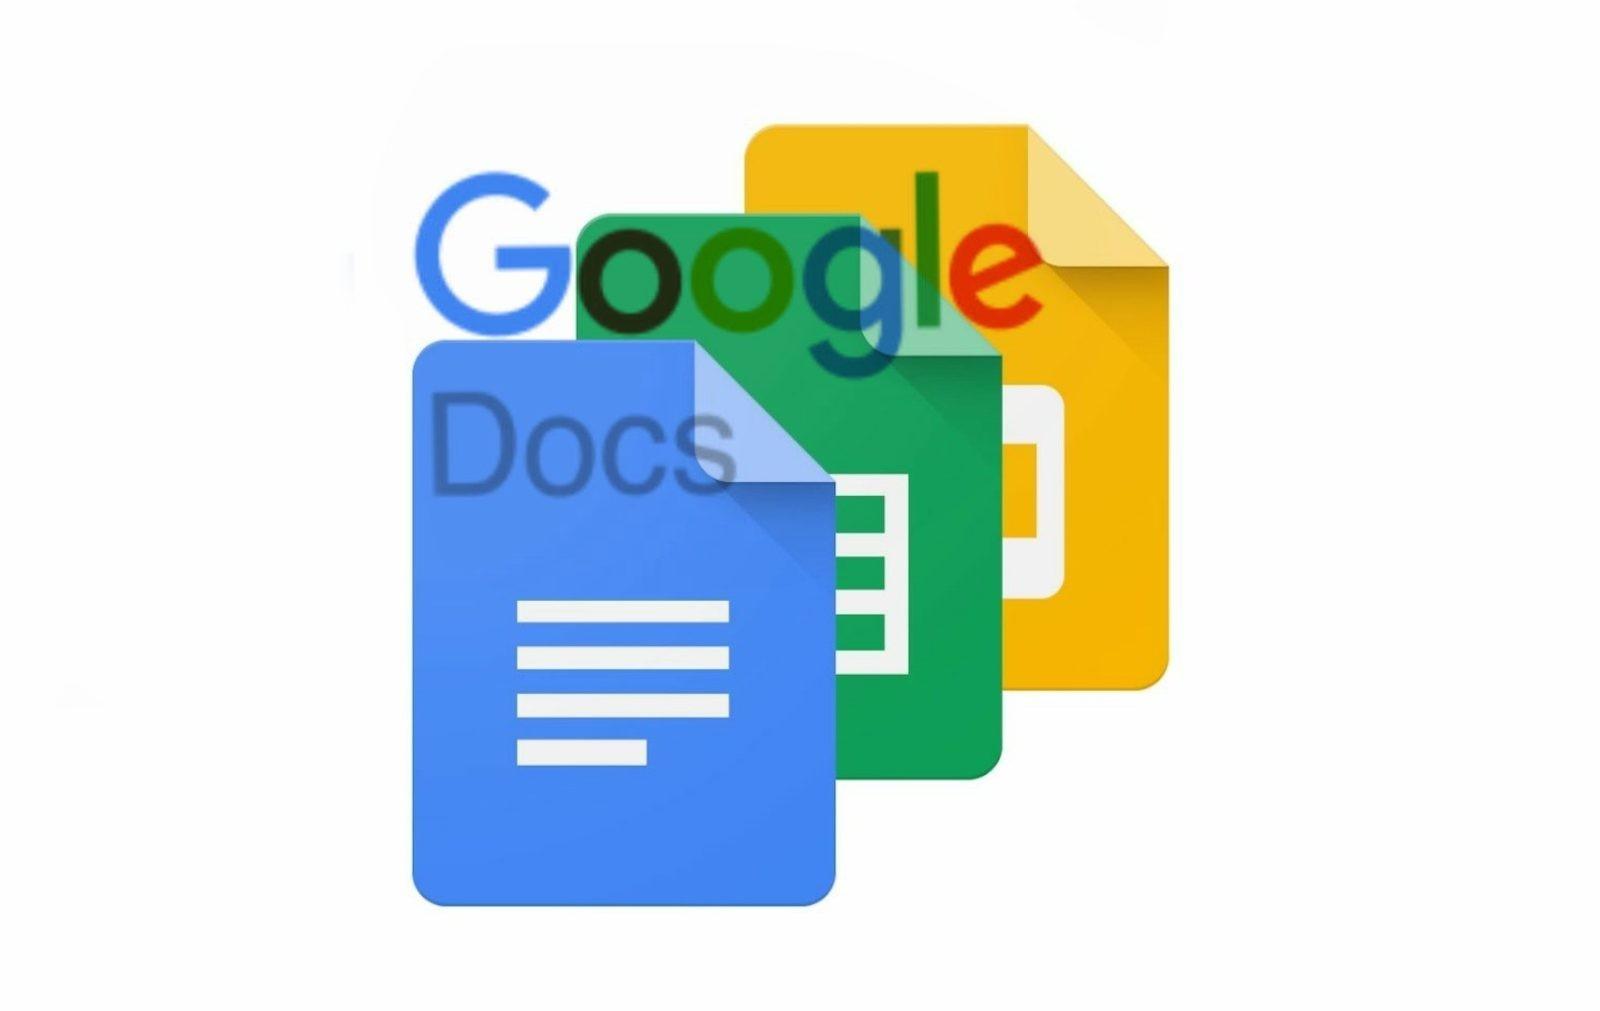 מדריך: איך ליצור טופס לידים בגוגל דוקס בקלות – google docs